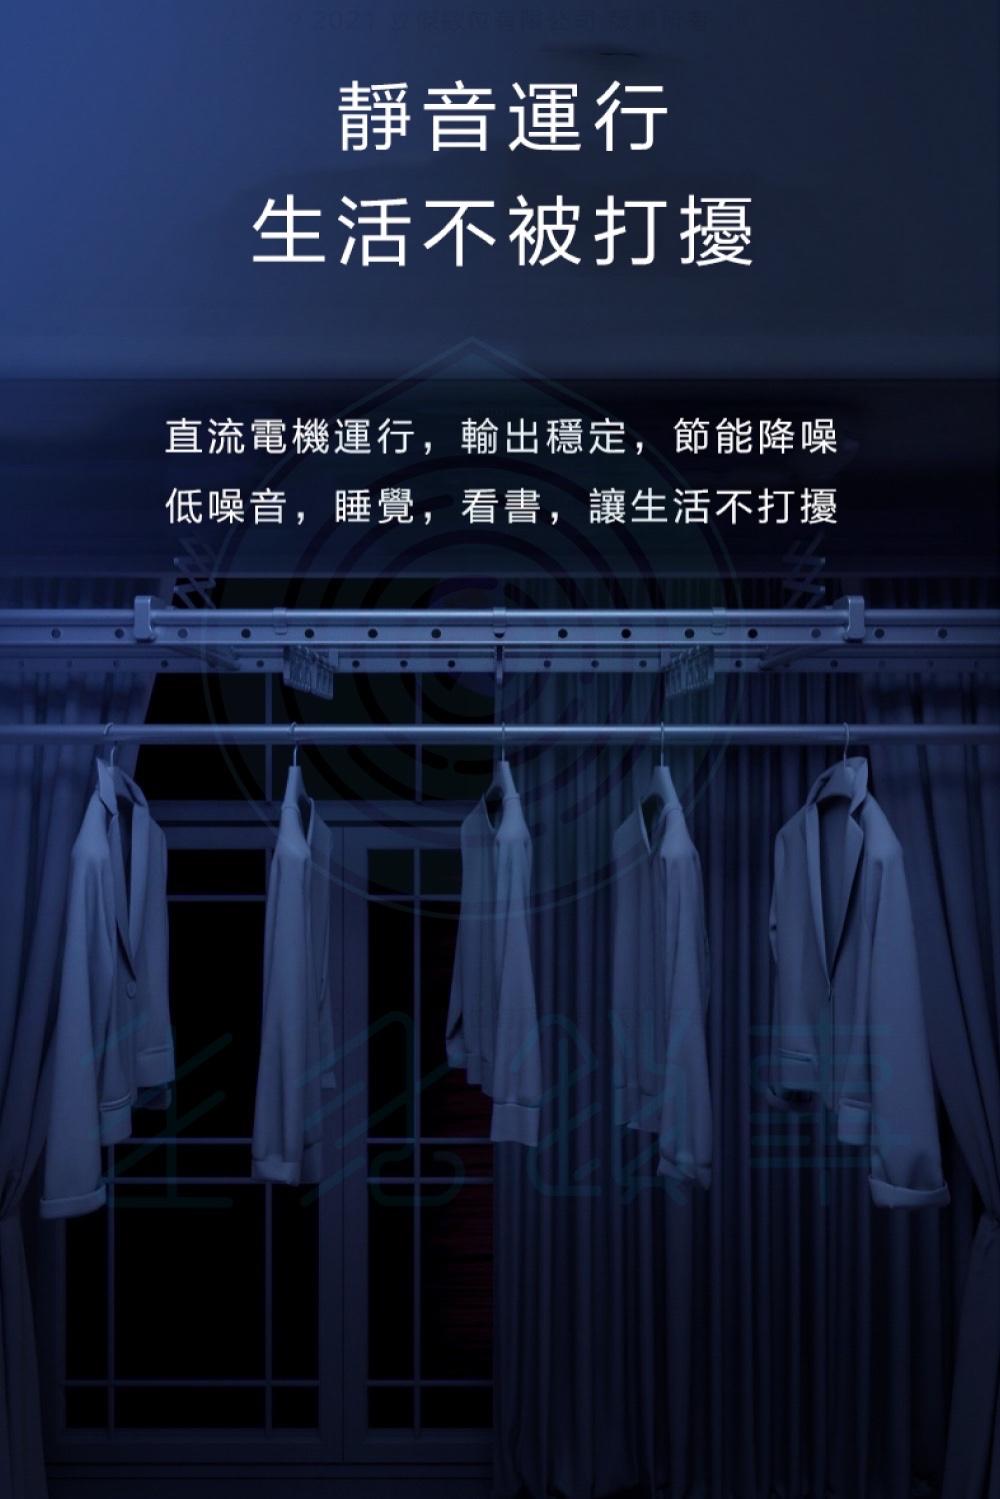 飛利浦電動晾衣架 SDR701 台中新竹電動曬衣架-7